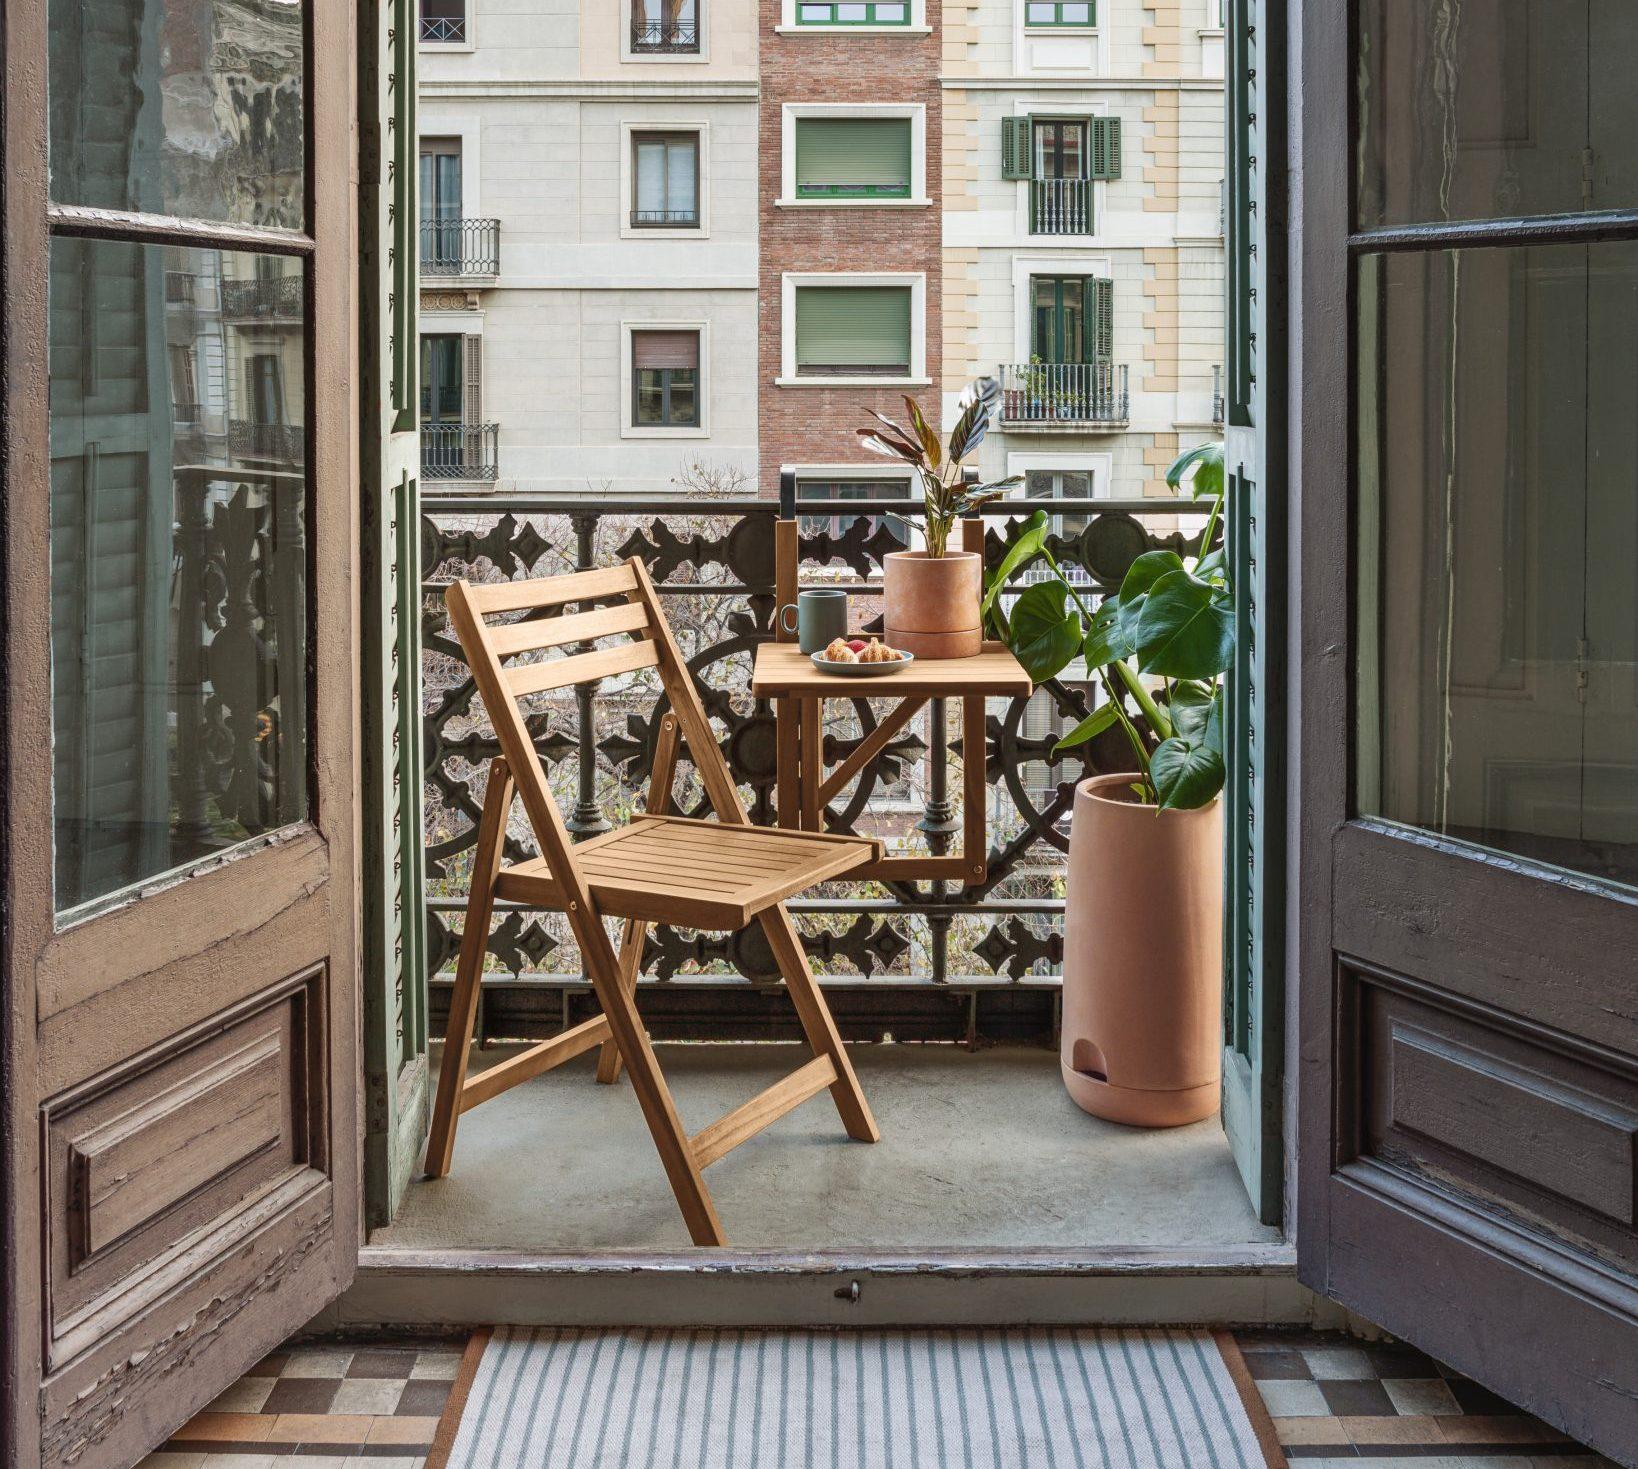 kave home collection city lovers décoration extérieur terrasses balcon soleil